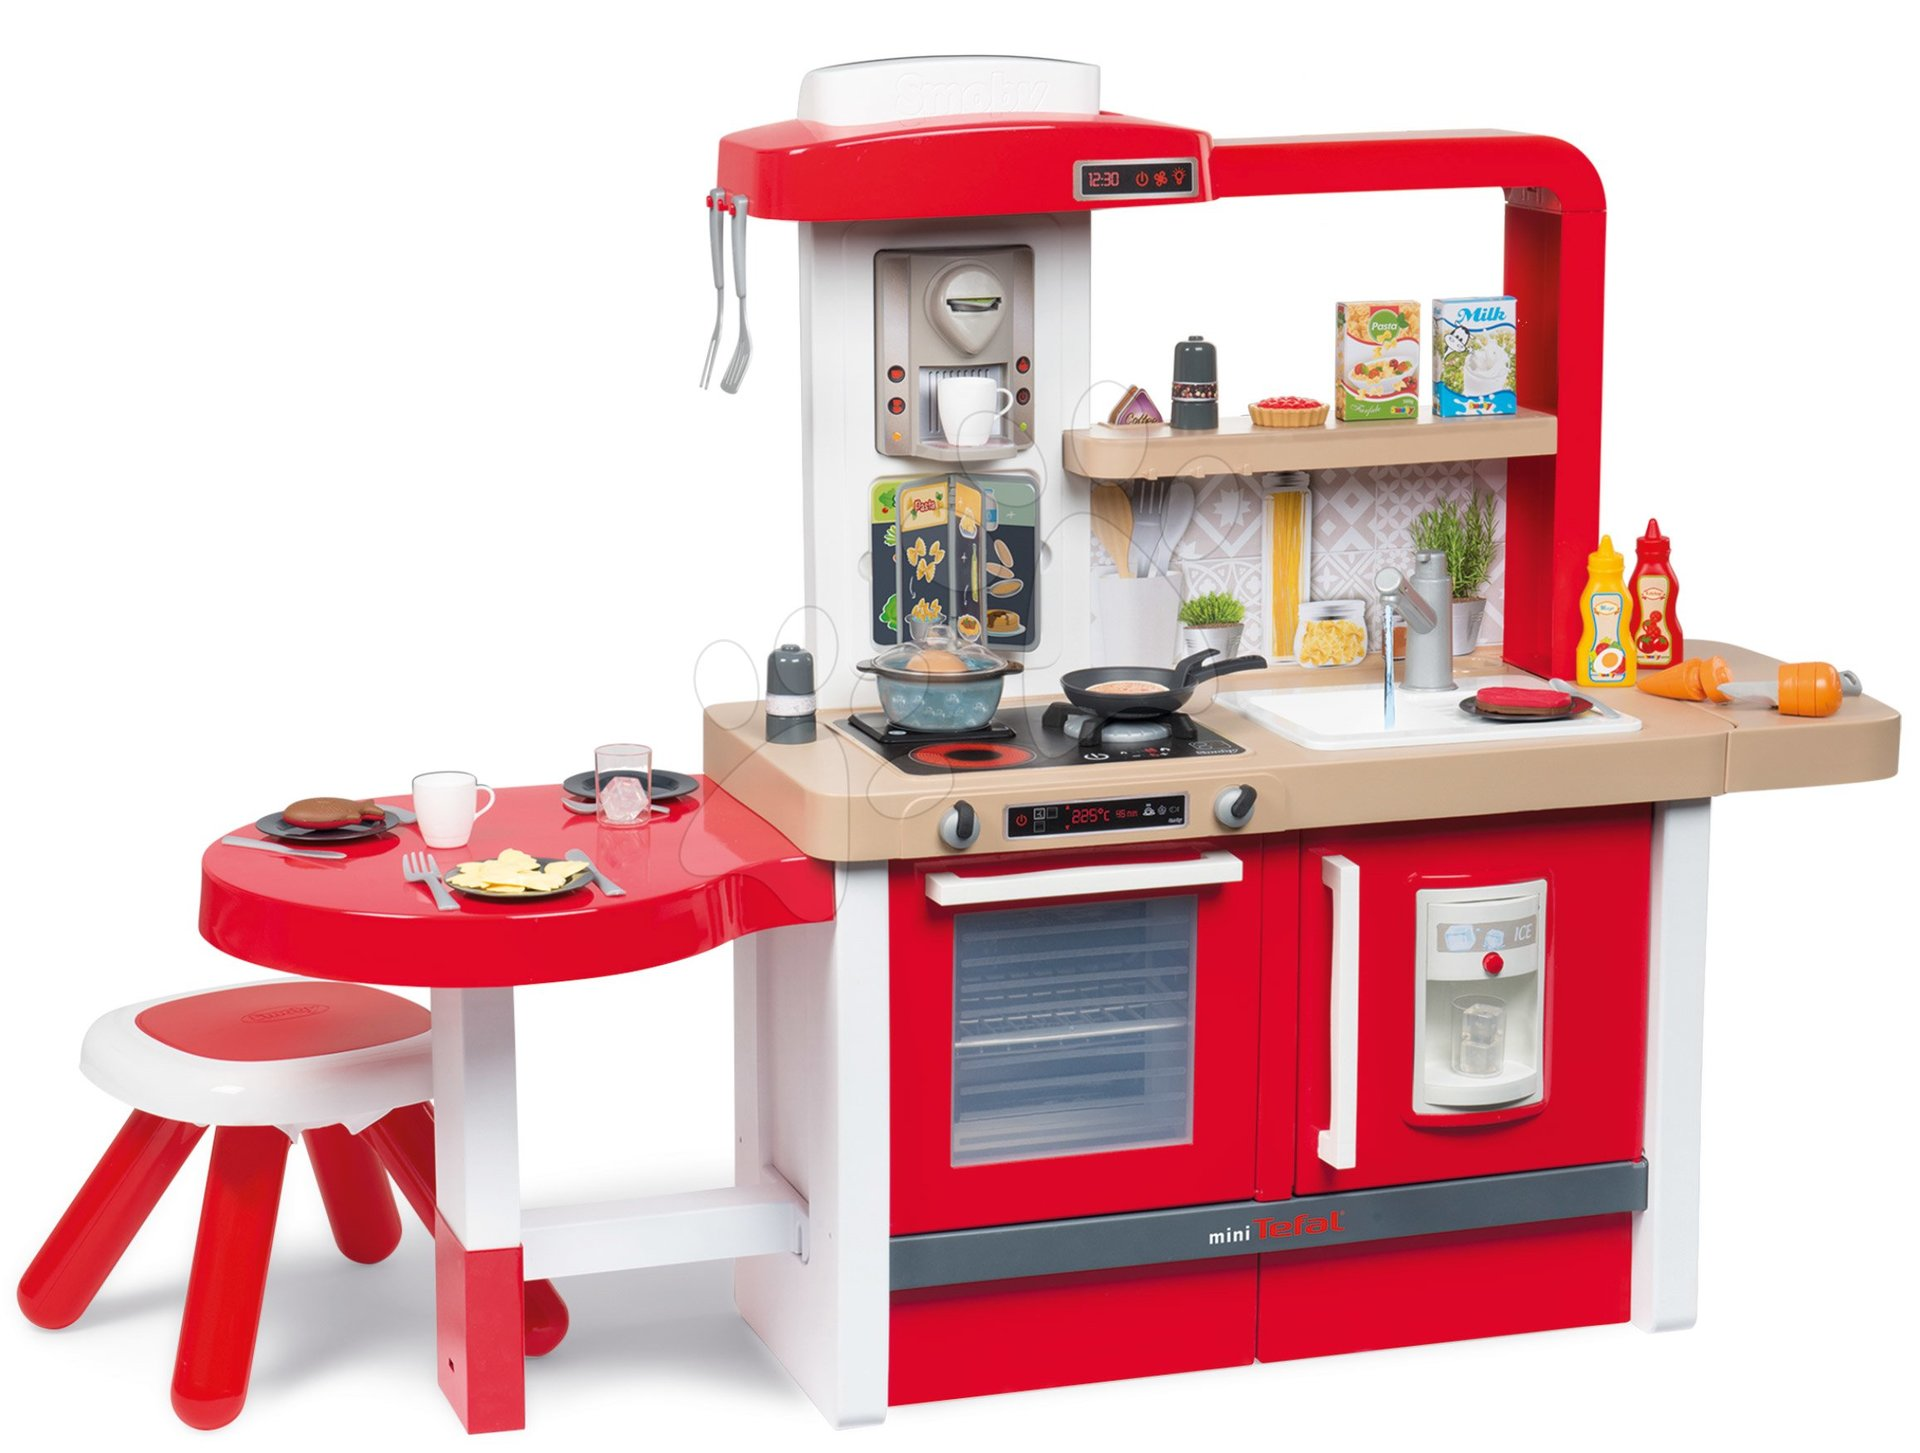 Kuchynka rastúca s tečúcou vodou Tefal Evolutive Grand Chef Smoby červená s magickým bublaním, cestovinami, mrkvou, stoličkou a 43 doplnkov